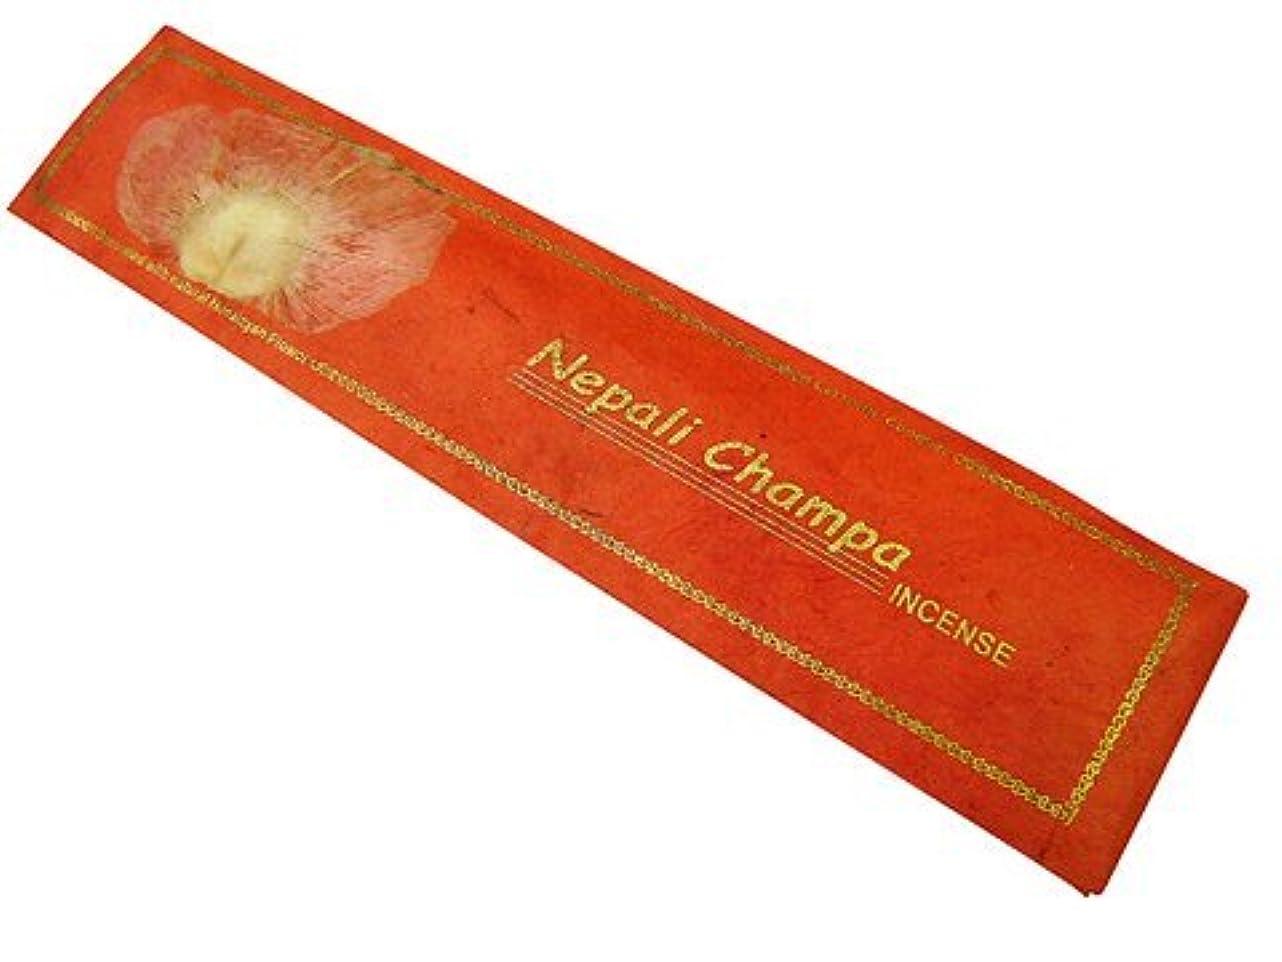 好みアレルギー性時制NEPAL INCENSE ネパールのロクタ紙にヒマラヤの押し花のお香【Nepali Champaネパリチャンパ】 スティック